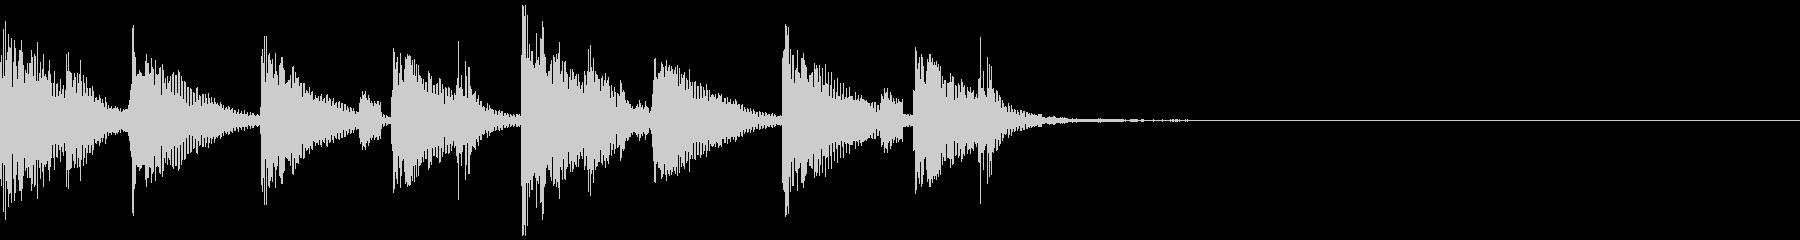 4つ打ちで刻むリズムの音の未再生の波形